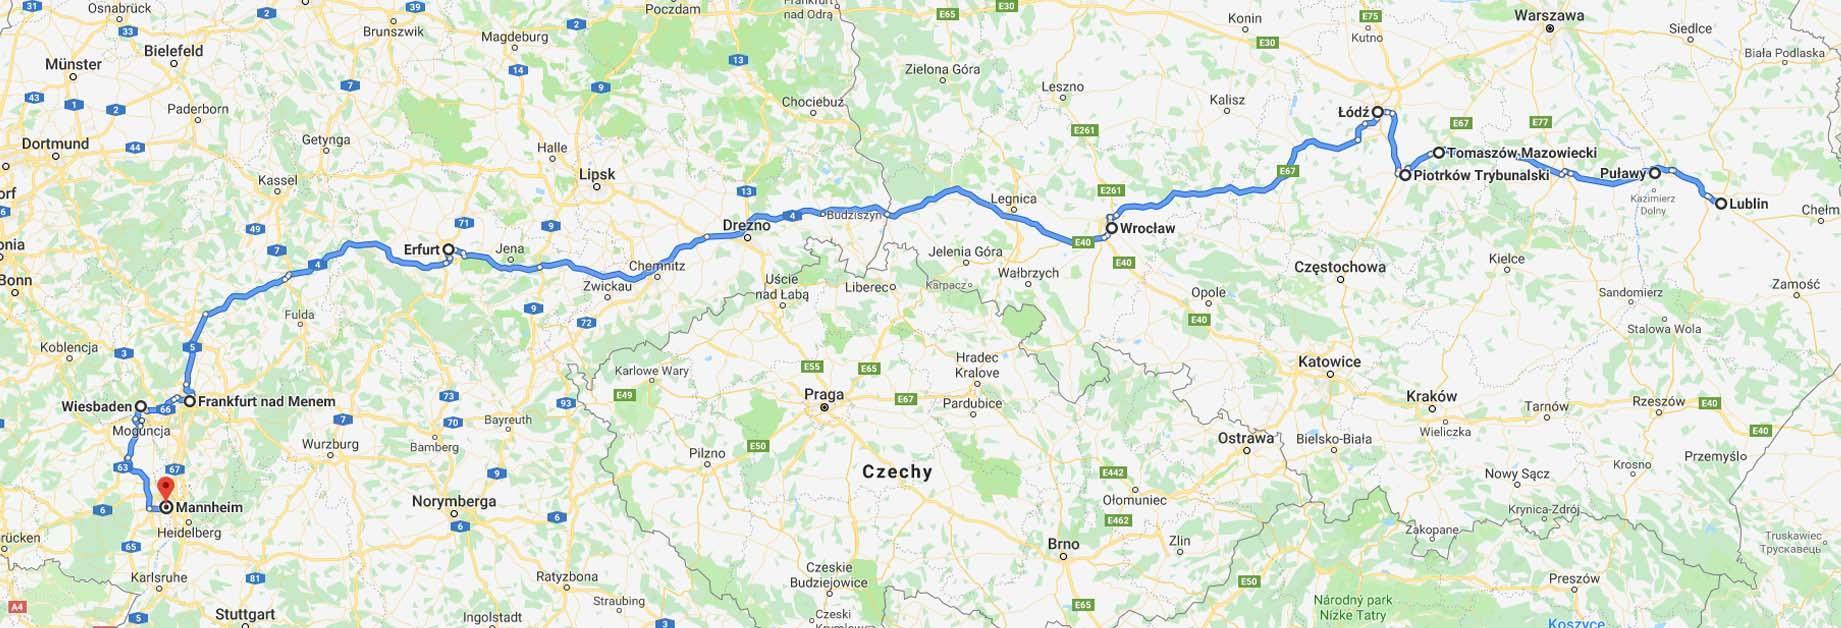 Przebieg trasy Lublin – Mannheim przez Puławy, Tomaszów Mazowiecki i Łódź